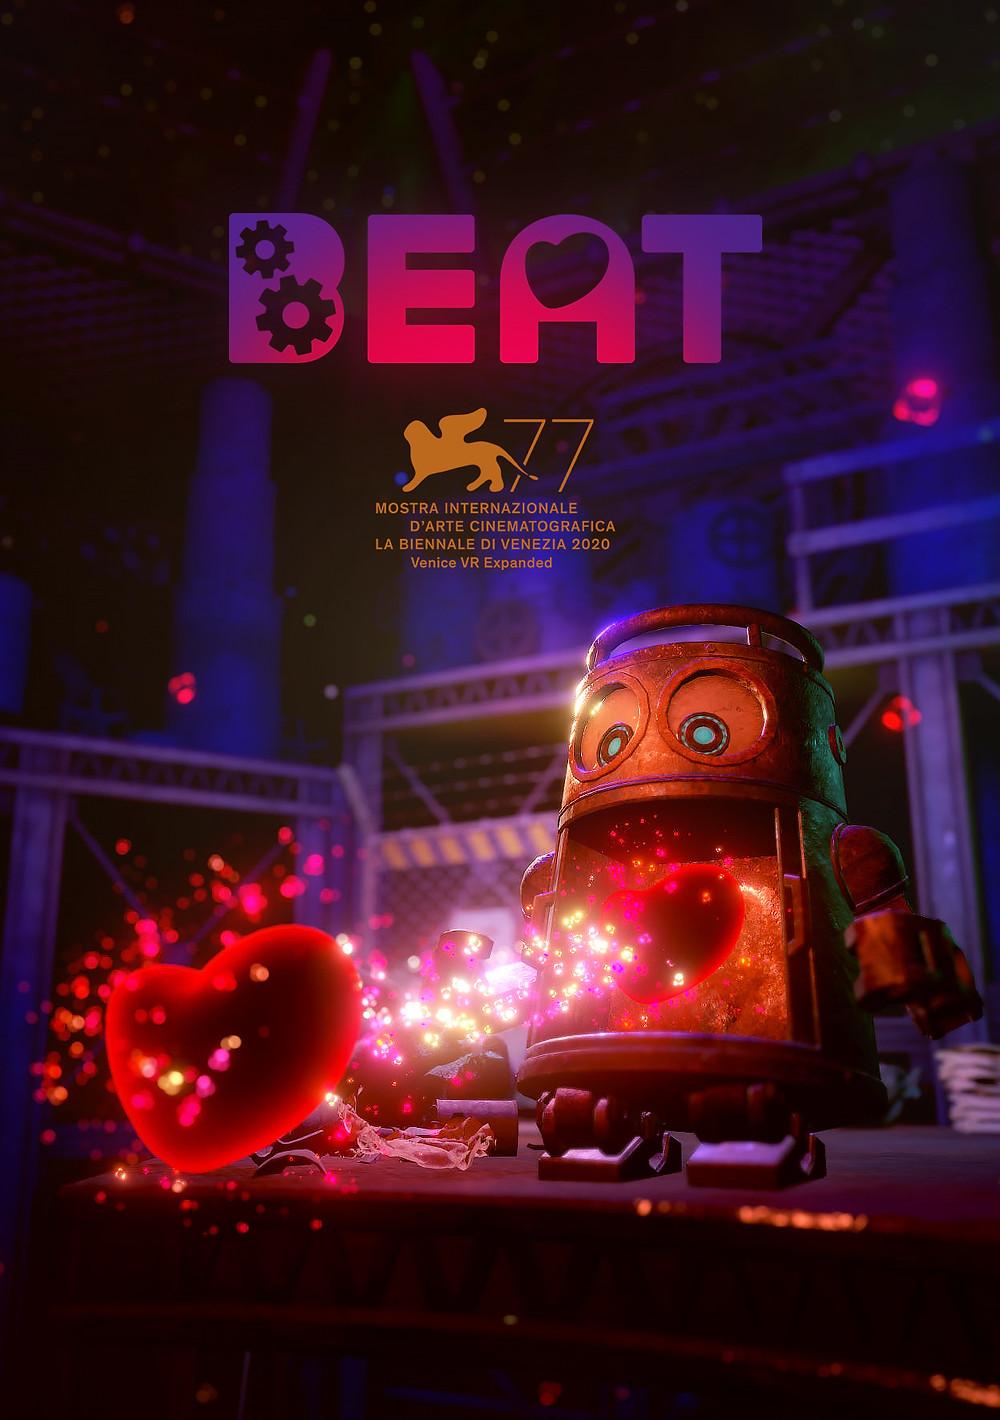 VRアニメーション『Beat』、第77回ベネチア国際映画祭 VR部門「VENICE VR EXPANDED」にノミネート